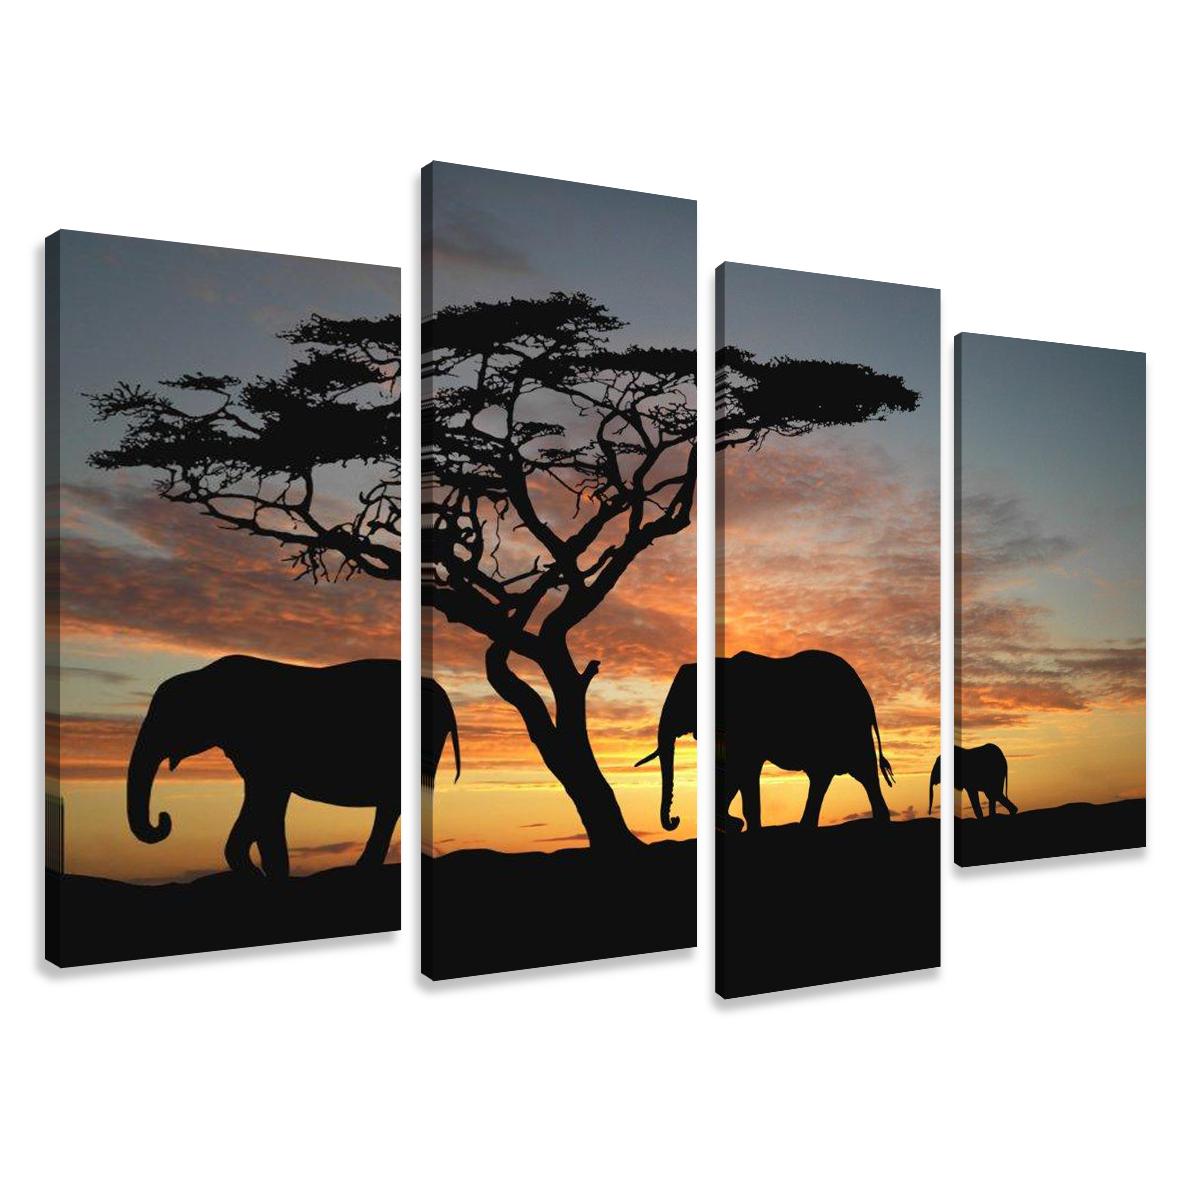 bilder 130x80cm alle auf leinwand und aufgespannt de. Black Bedroom Furniture Sets. Home Design Ideas